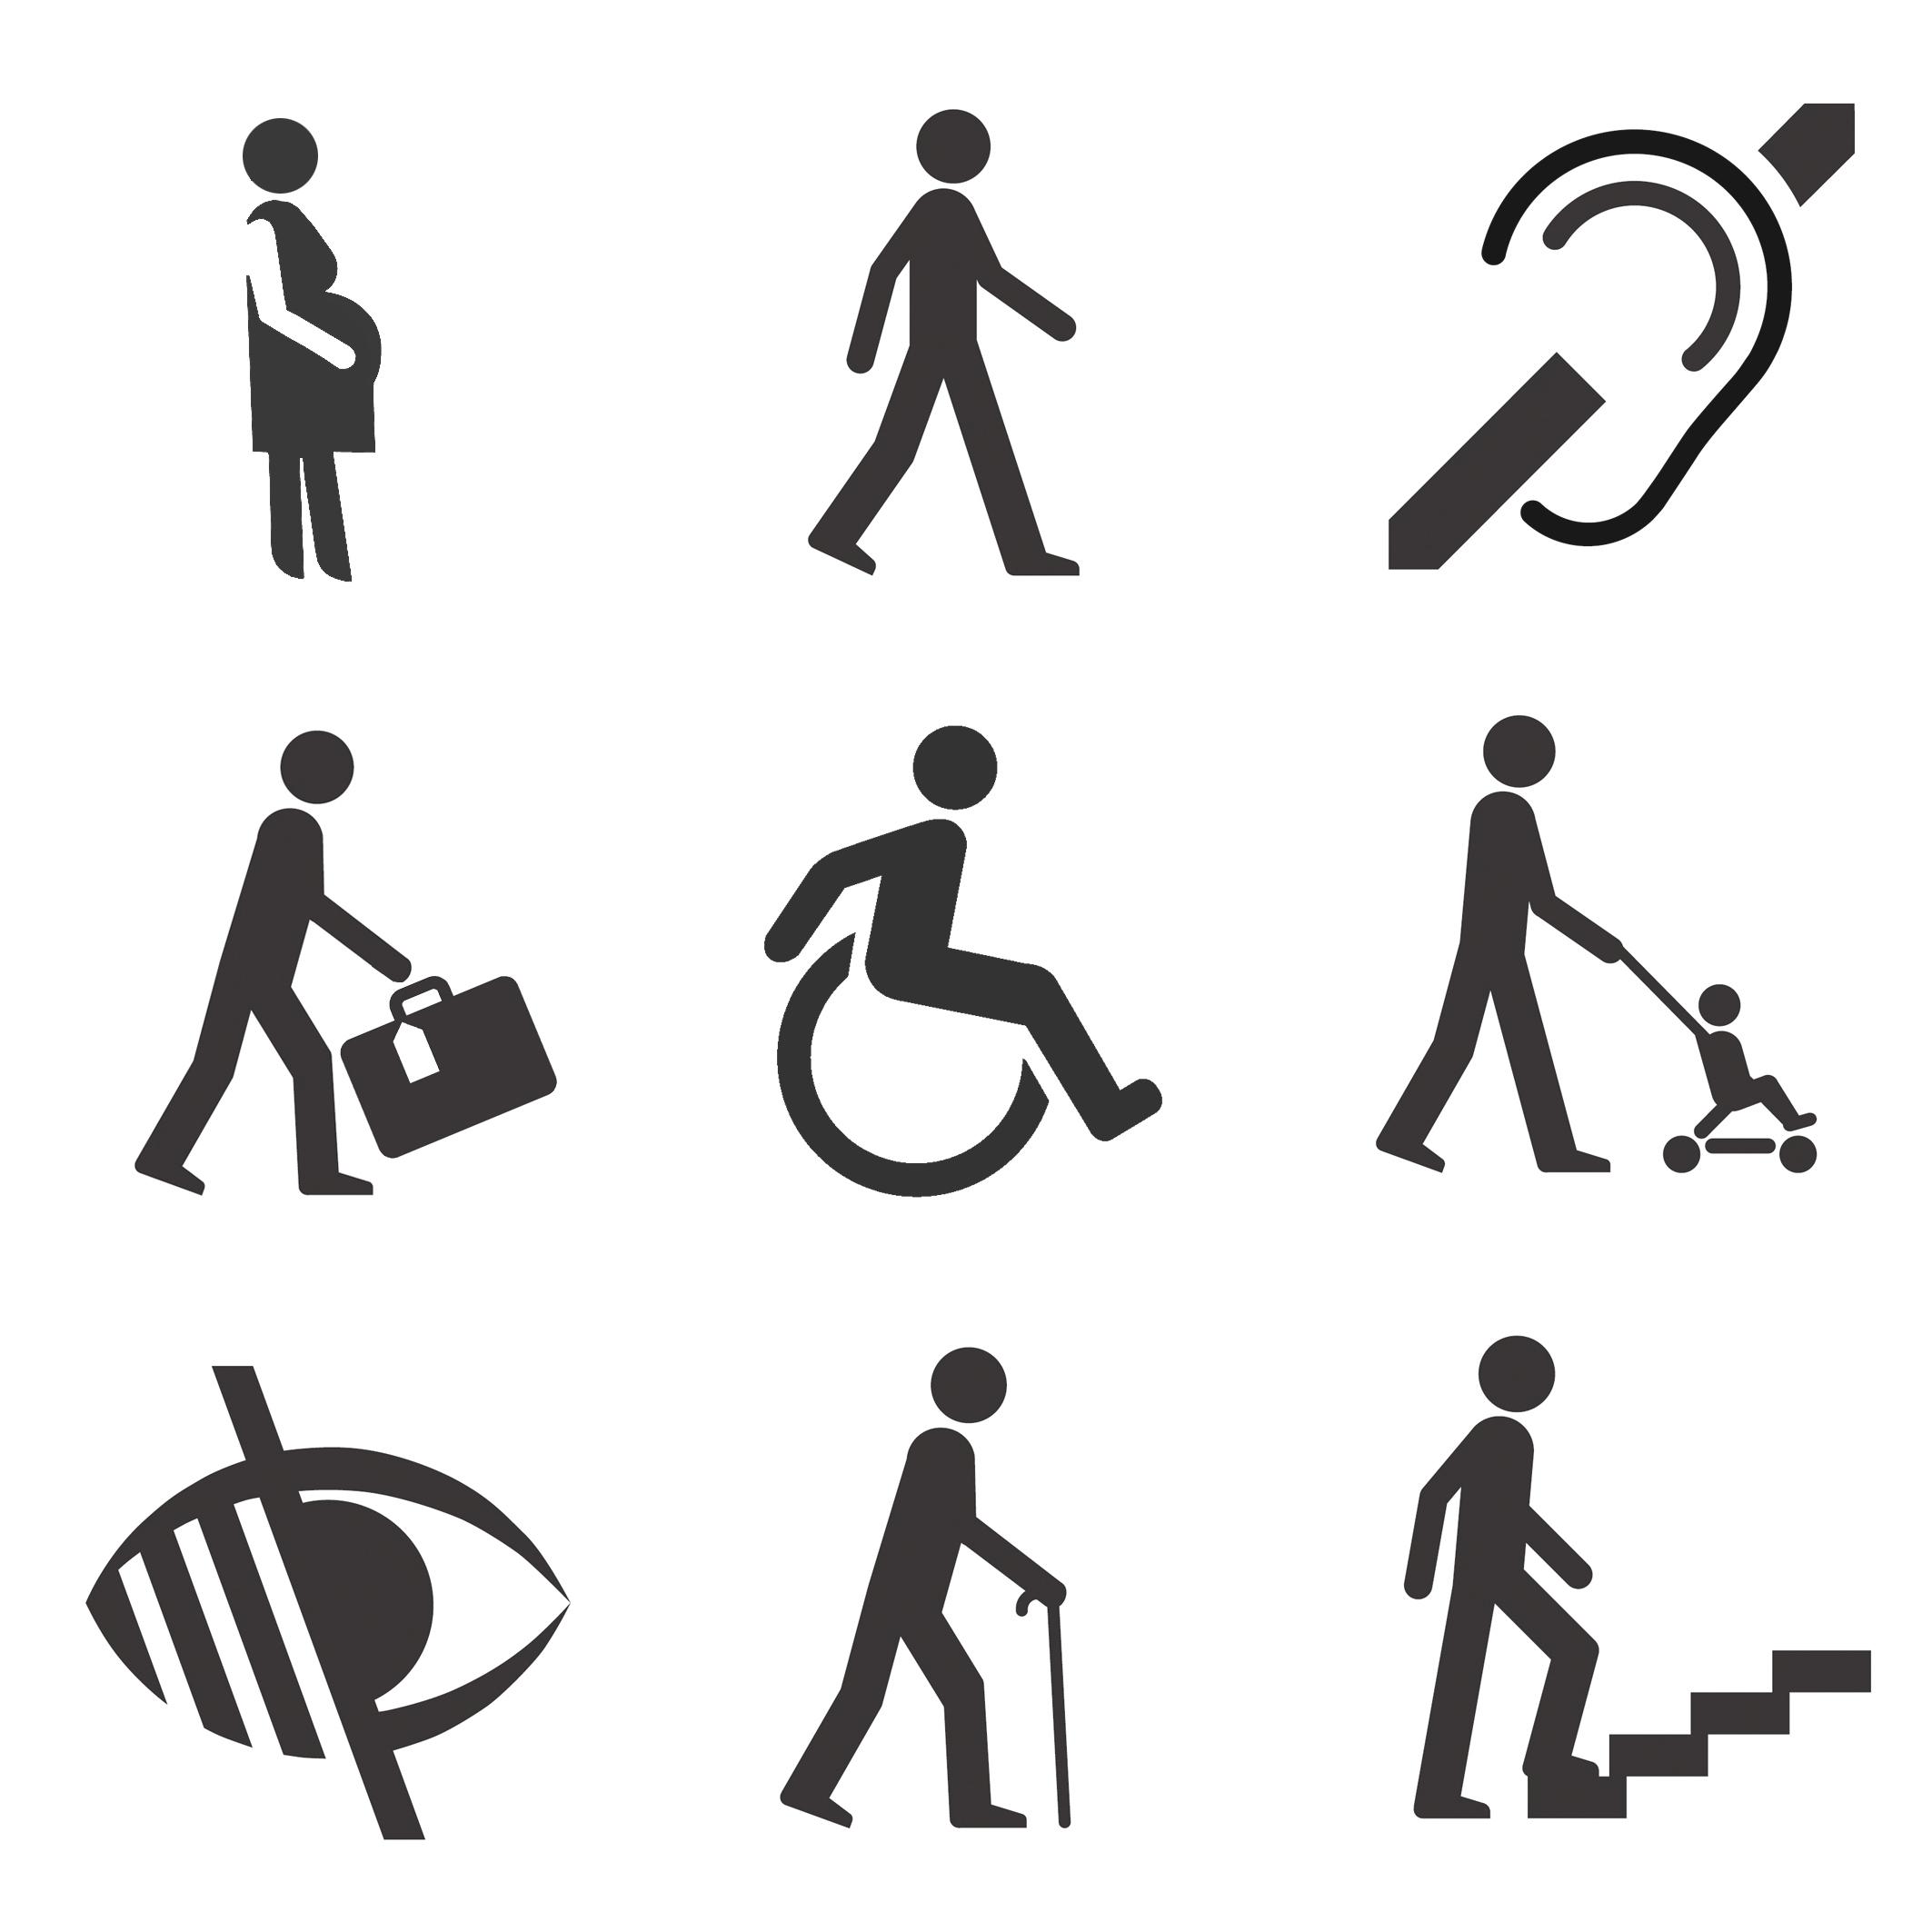 inclusiveiconsnine logo - Bir binanın engellilere uygun olup olmadığını gösteren logo var mı?